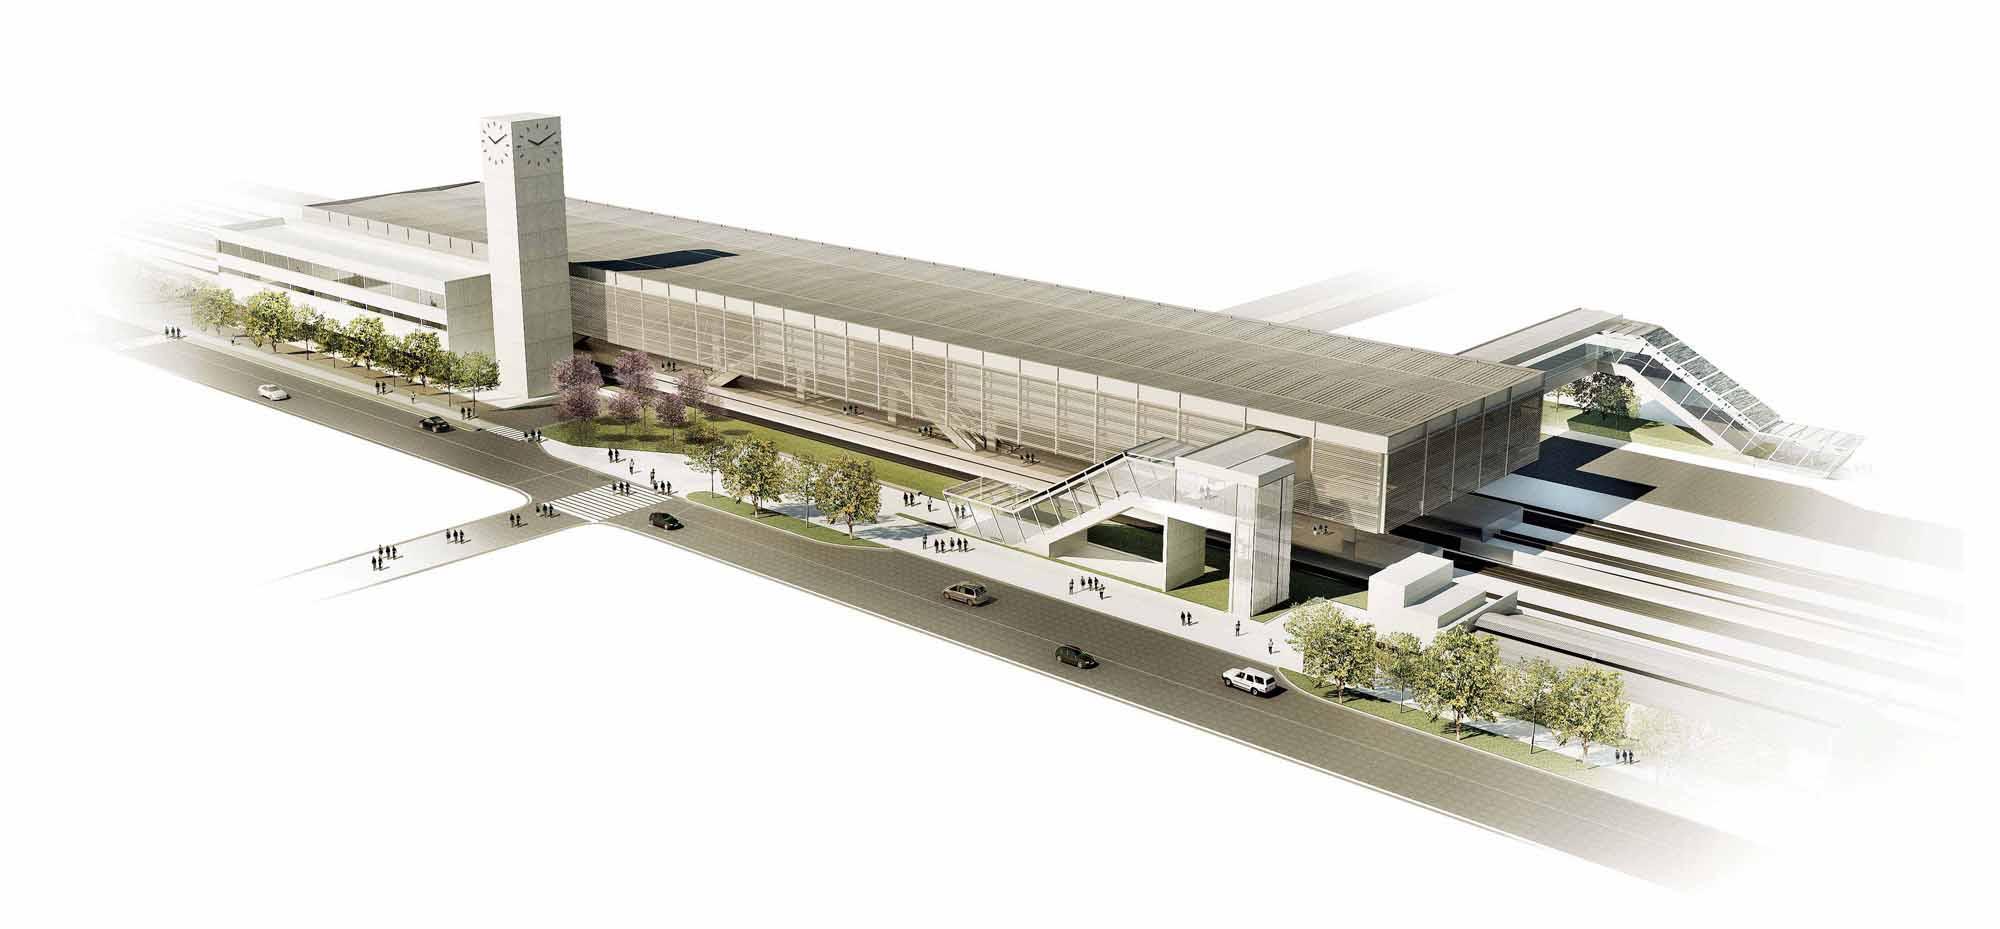 Estação Suzano / JBMC arquitetura & urbanismo, Cortesia JBMC arquitetura & urbanismo